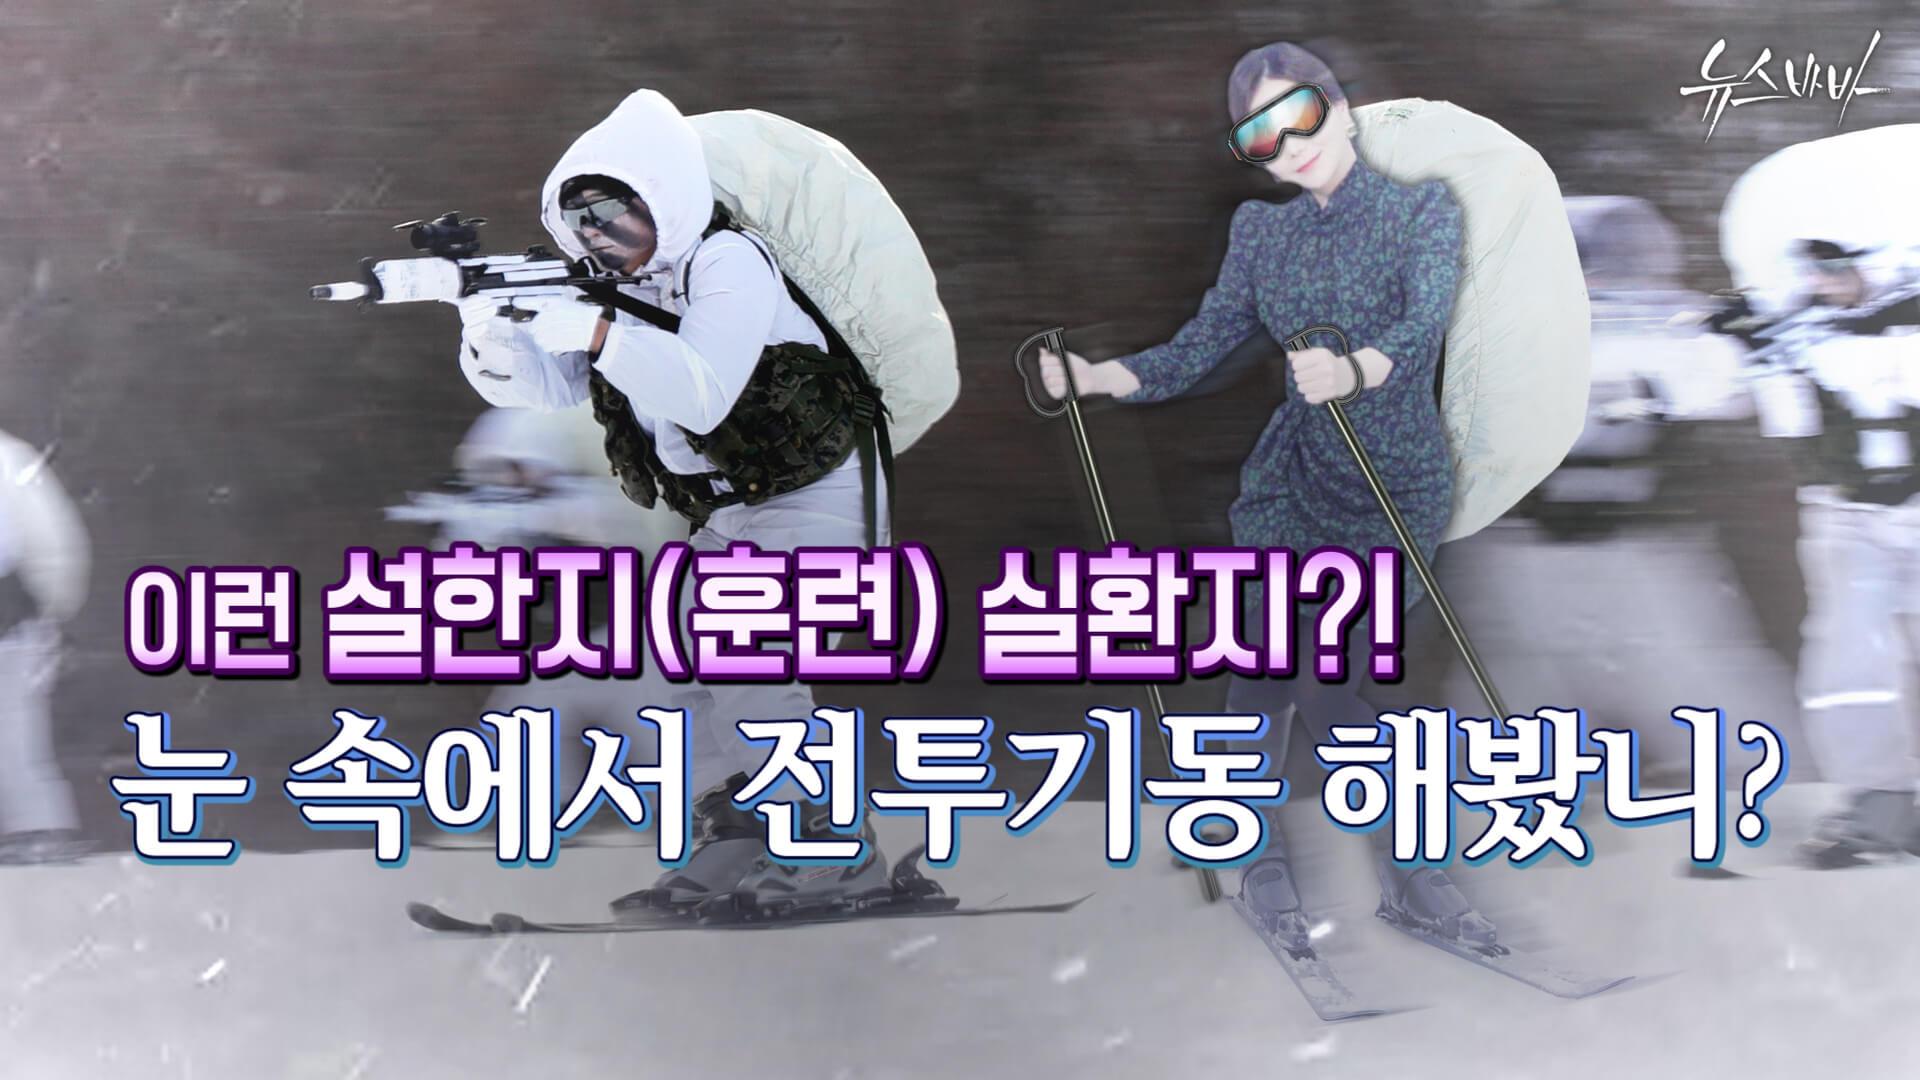 [뉴스바바] 눈 속에서 전투기동